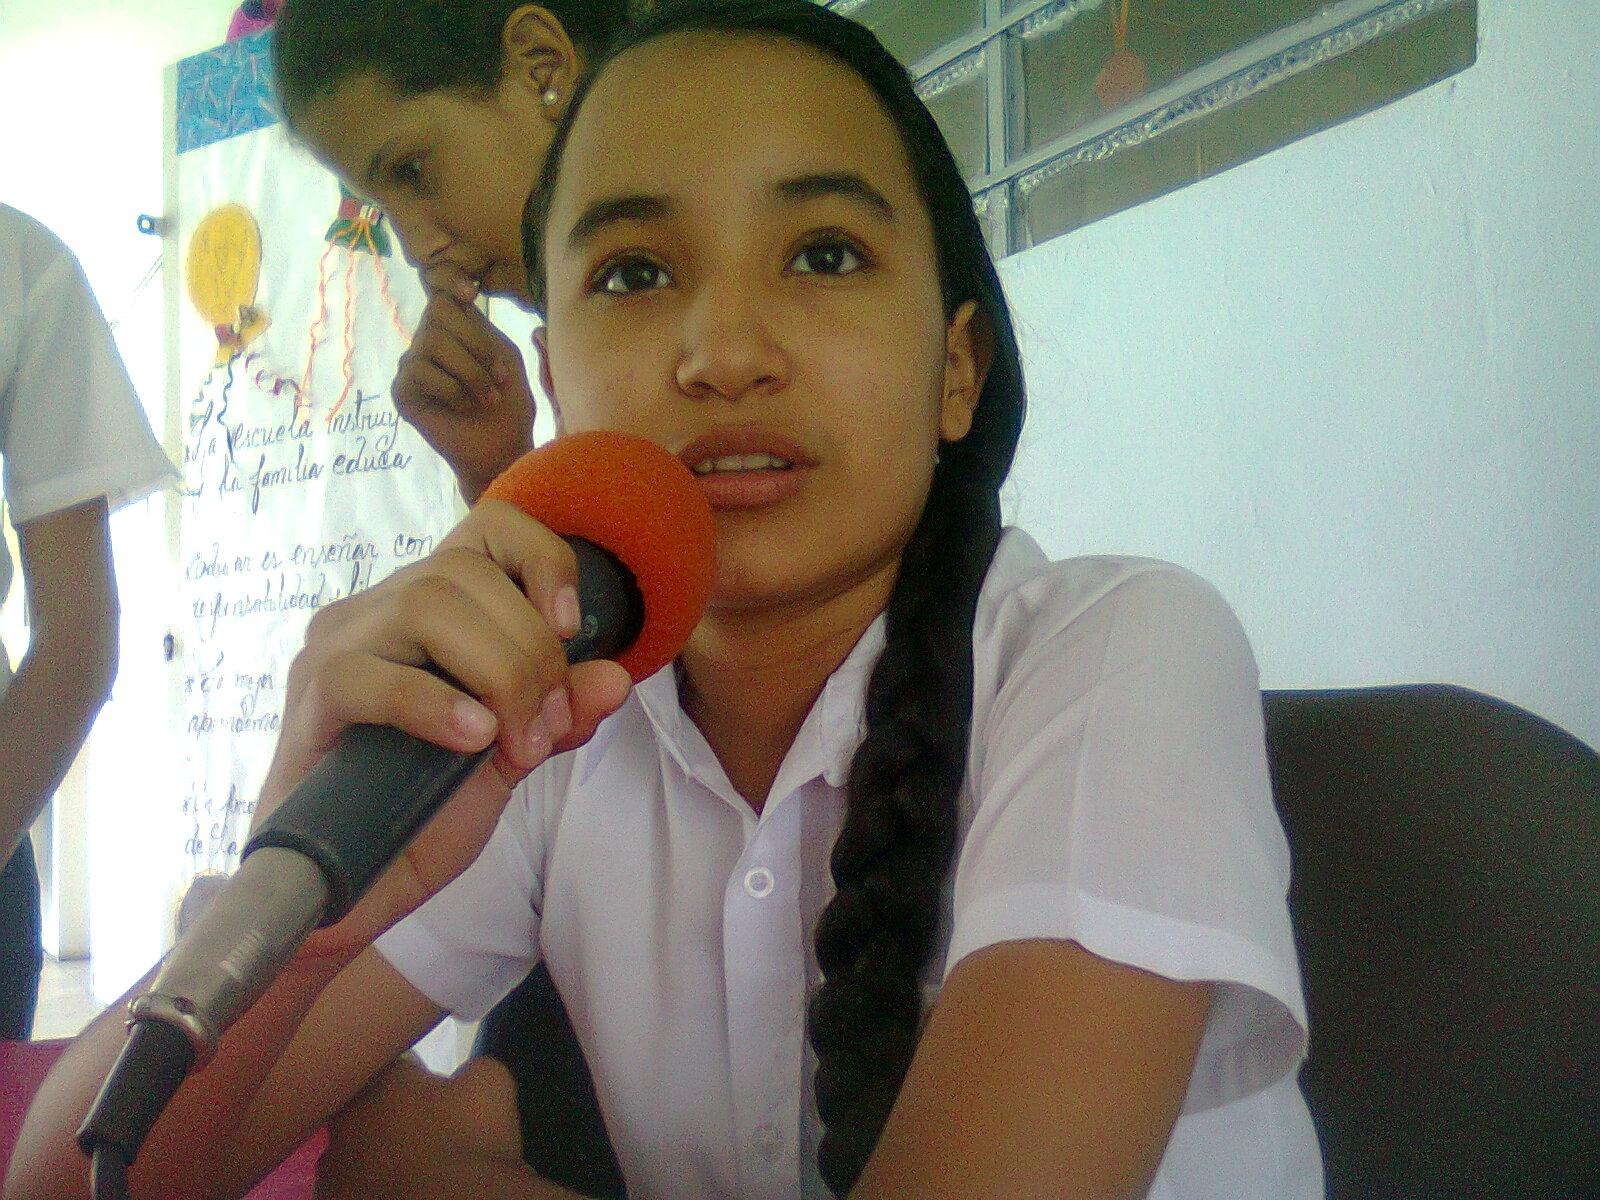 LEONELA BENITEZ, ESTUDIANTE DE SEXTO GRADO, 6 AÑOS EN RADIO